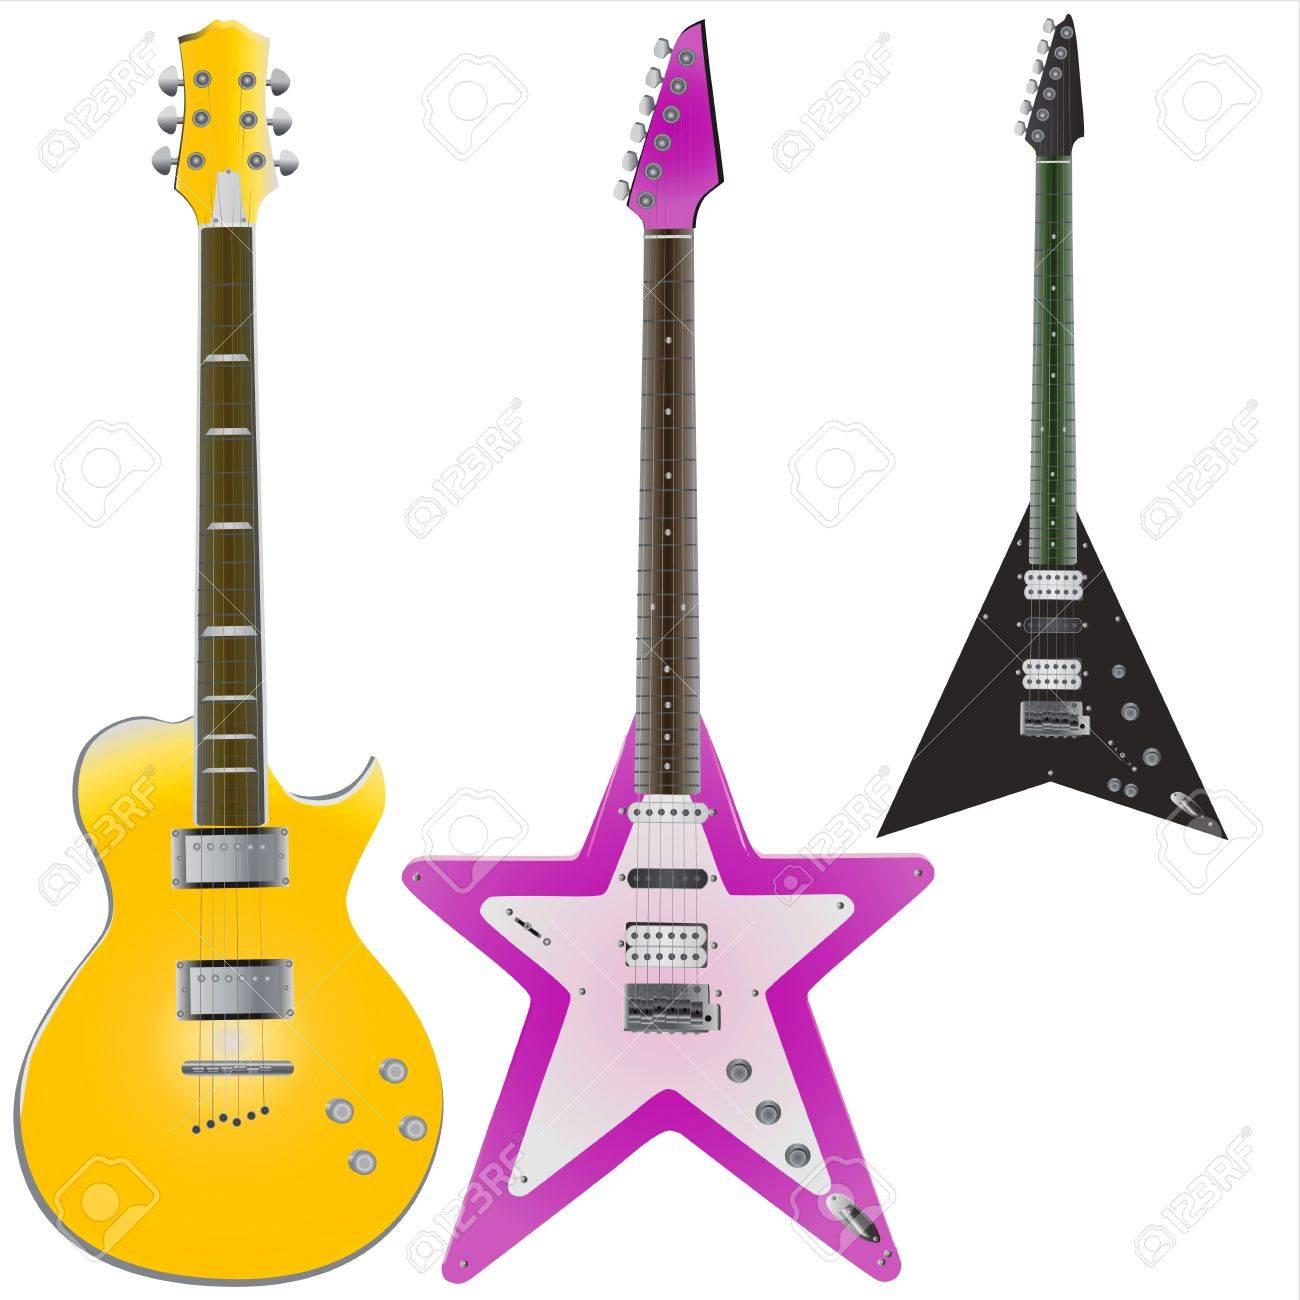 guitars vector Stock Vector - 9505750